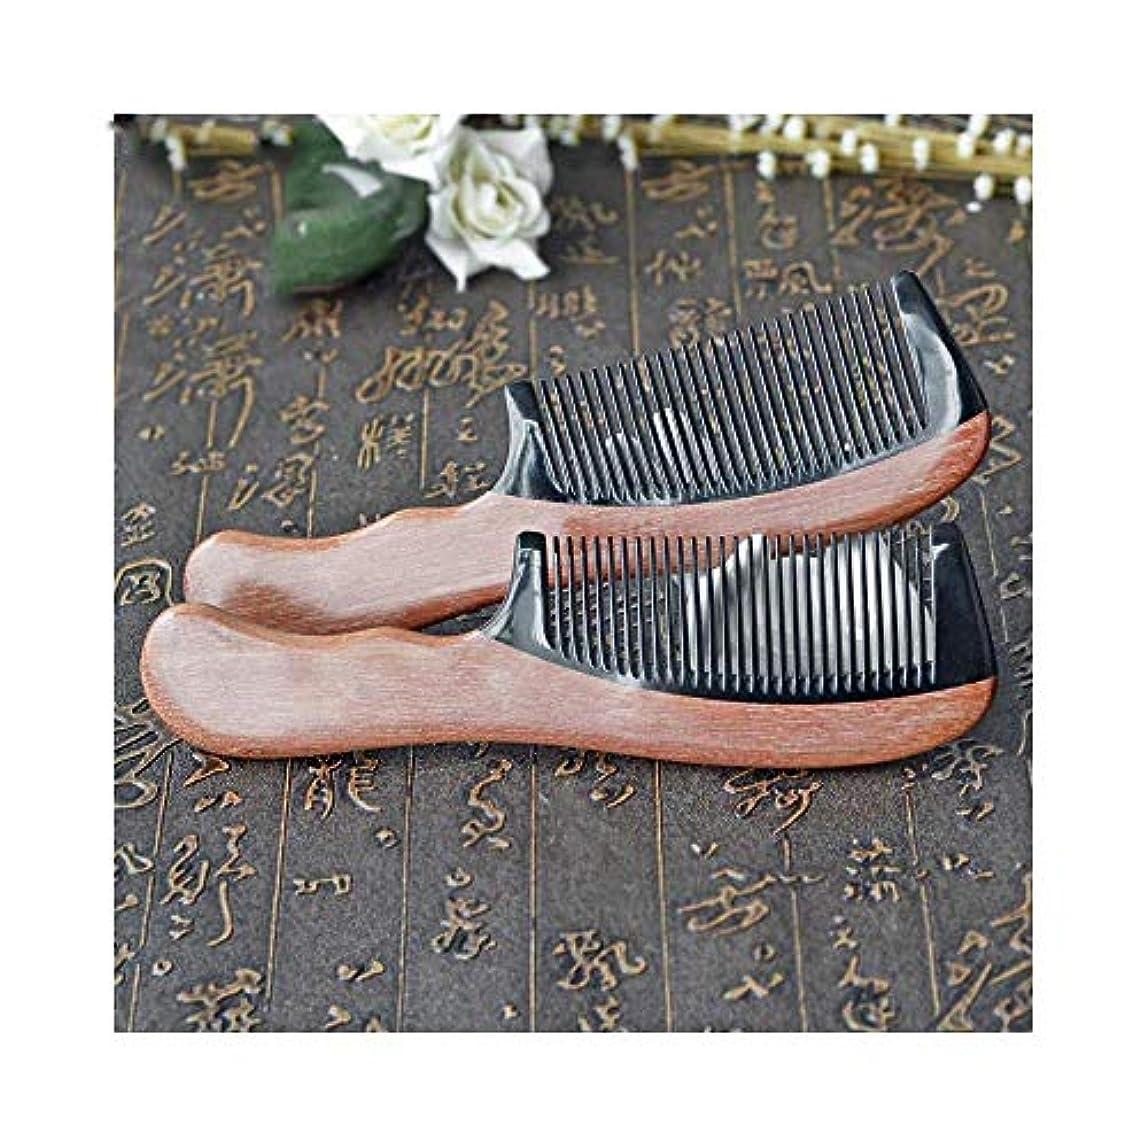 コンプリート地殻知覚Fashian木製のくし紫檀くし歯ファインバッファローホーン櫛帯電防止ヘアブラシ ヘアケア